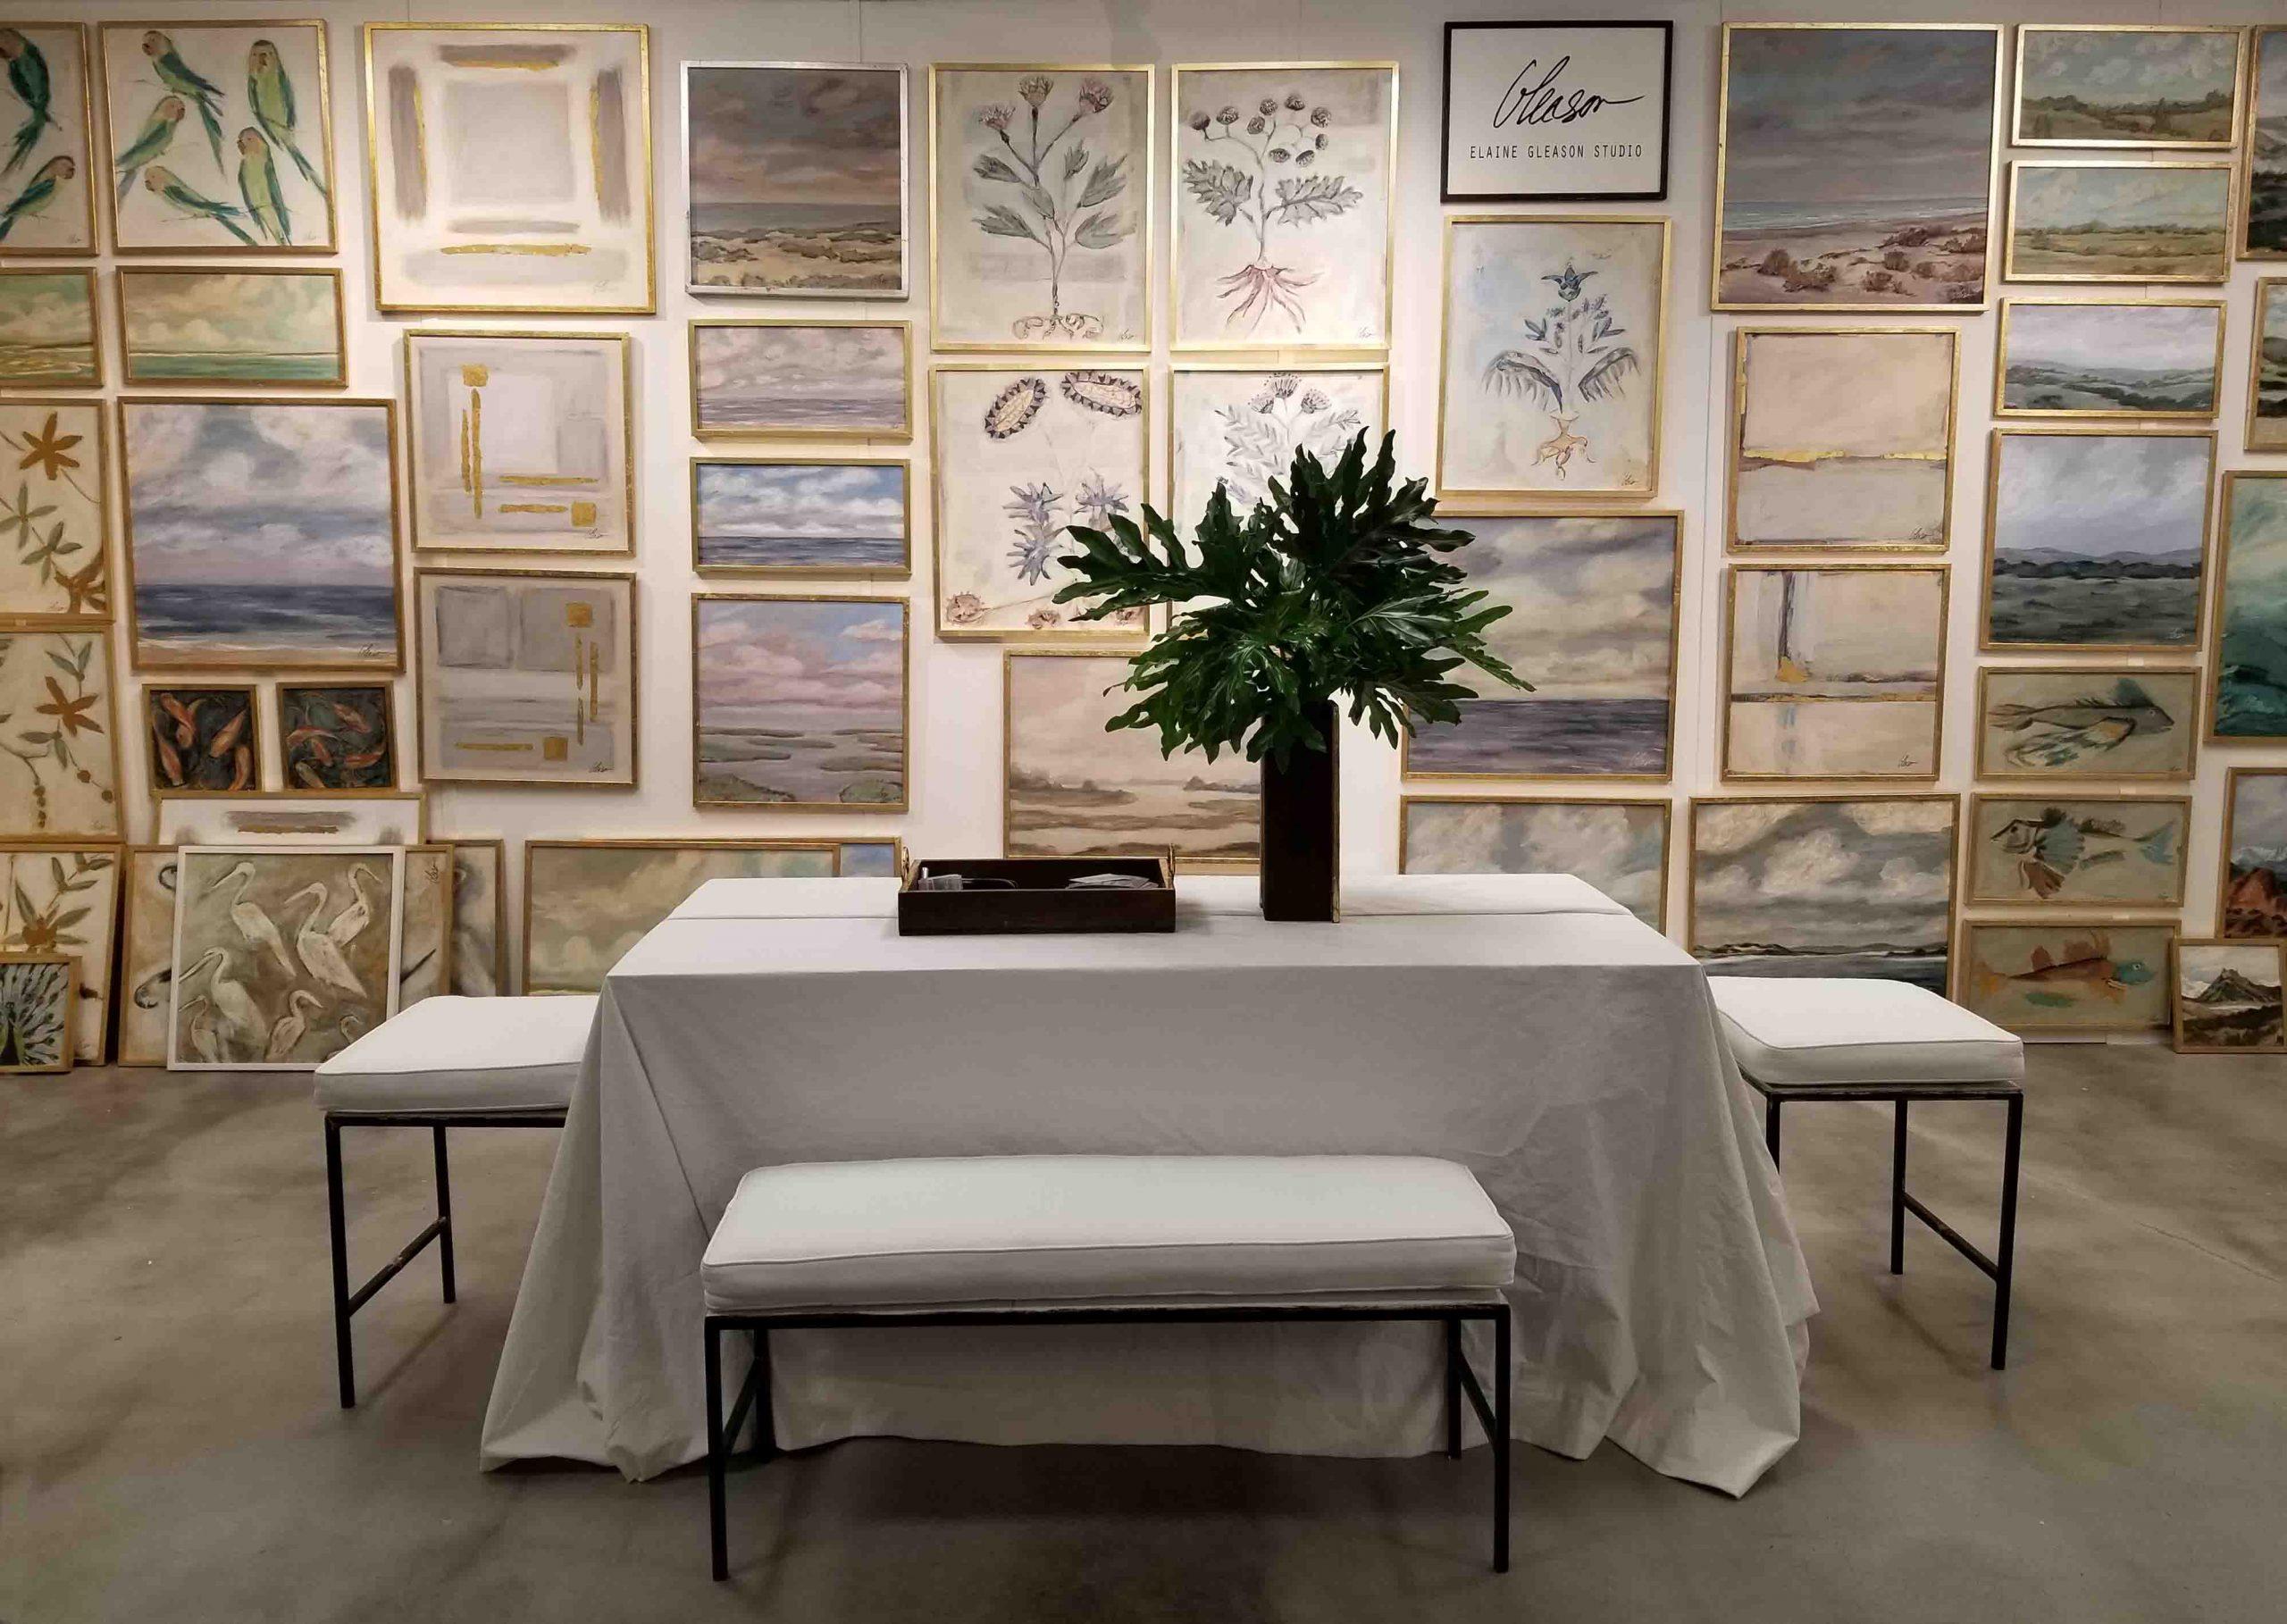 Elaine Gleason Studio